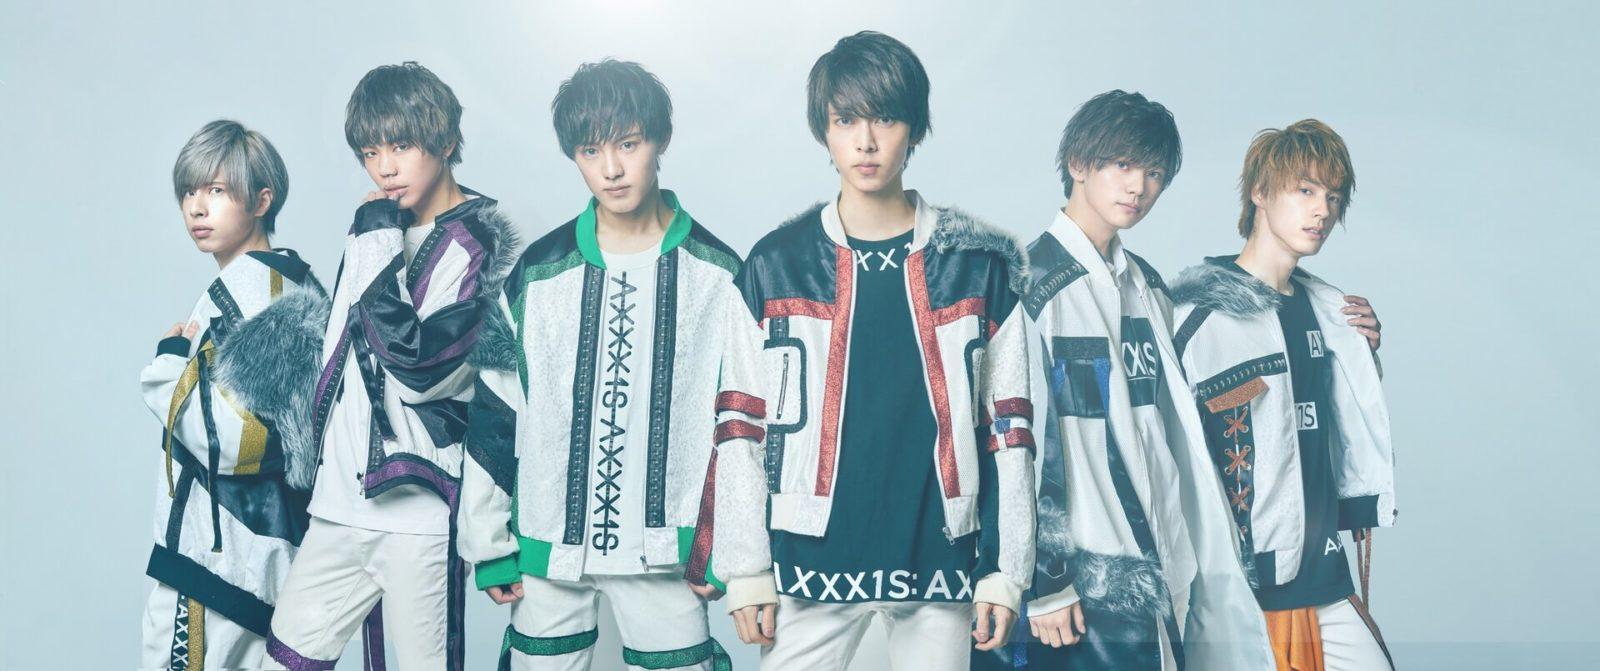 AXXX1S (アクシス) 、2020年3月31日に1stシングル「キミホリ」をリリースサムネイル画像!